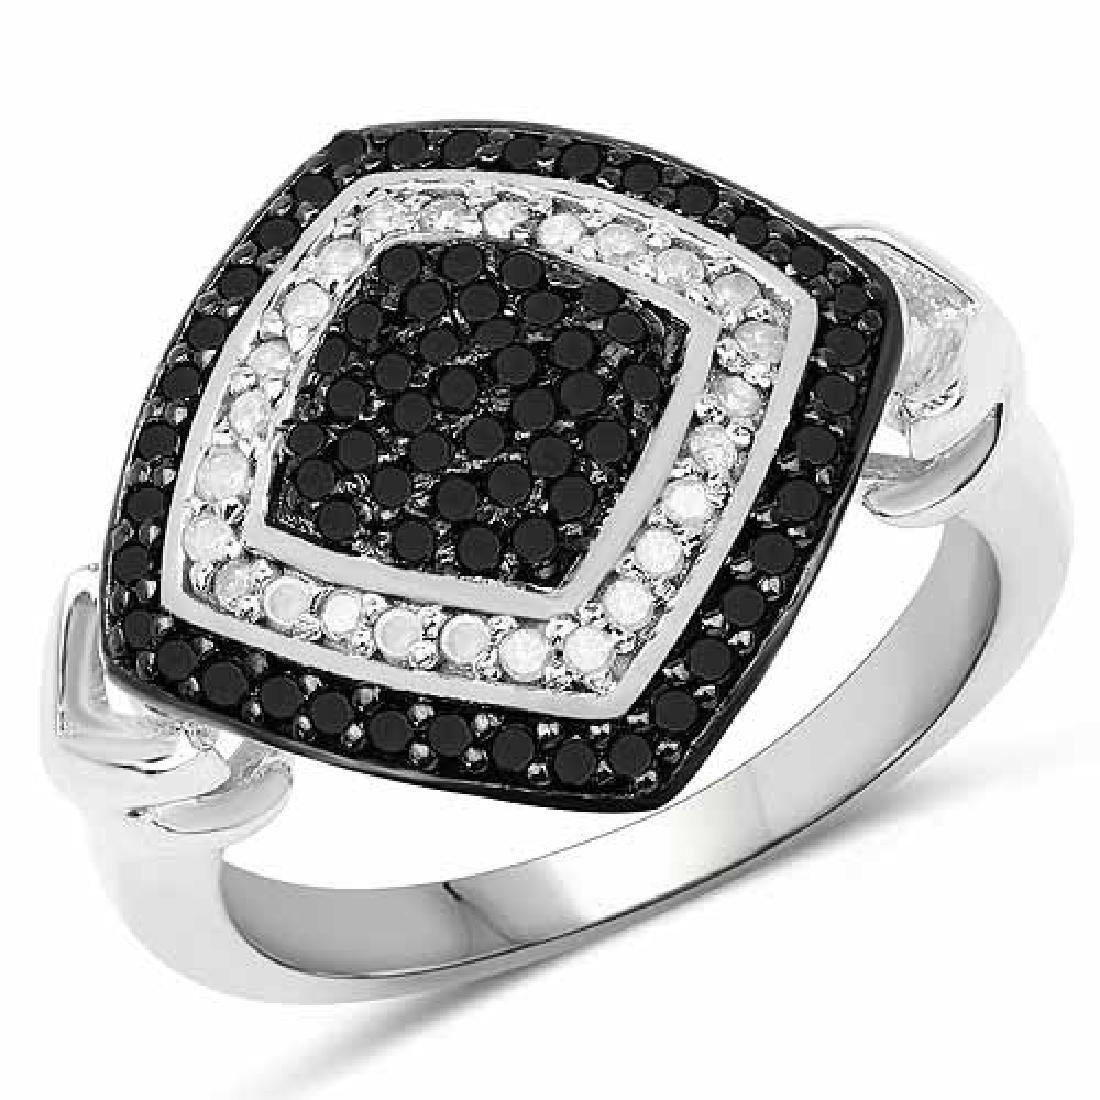 0.56 Carat Genuine White Diamond and Black Diamond .925